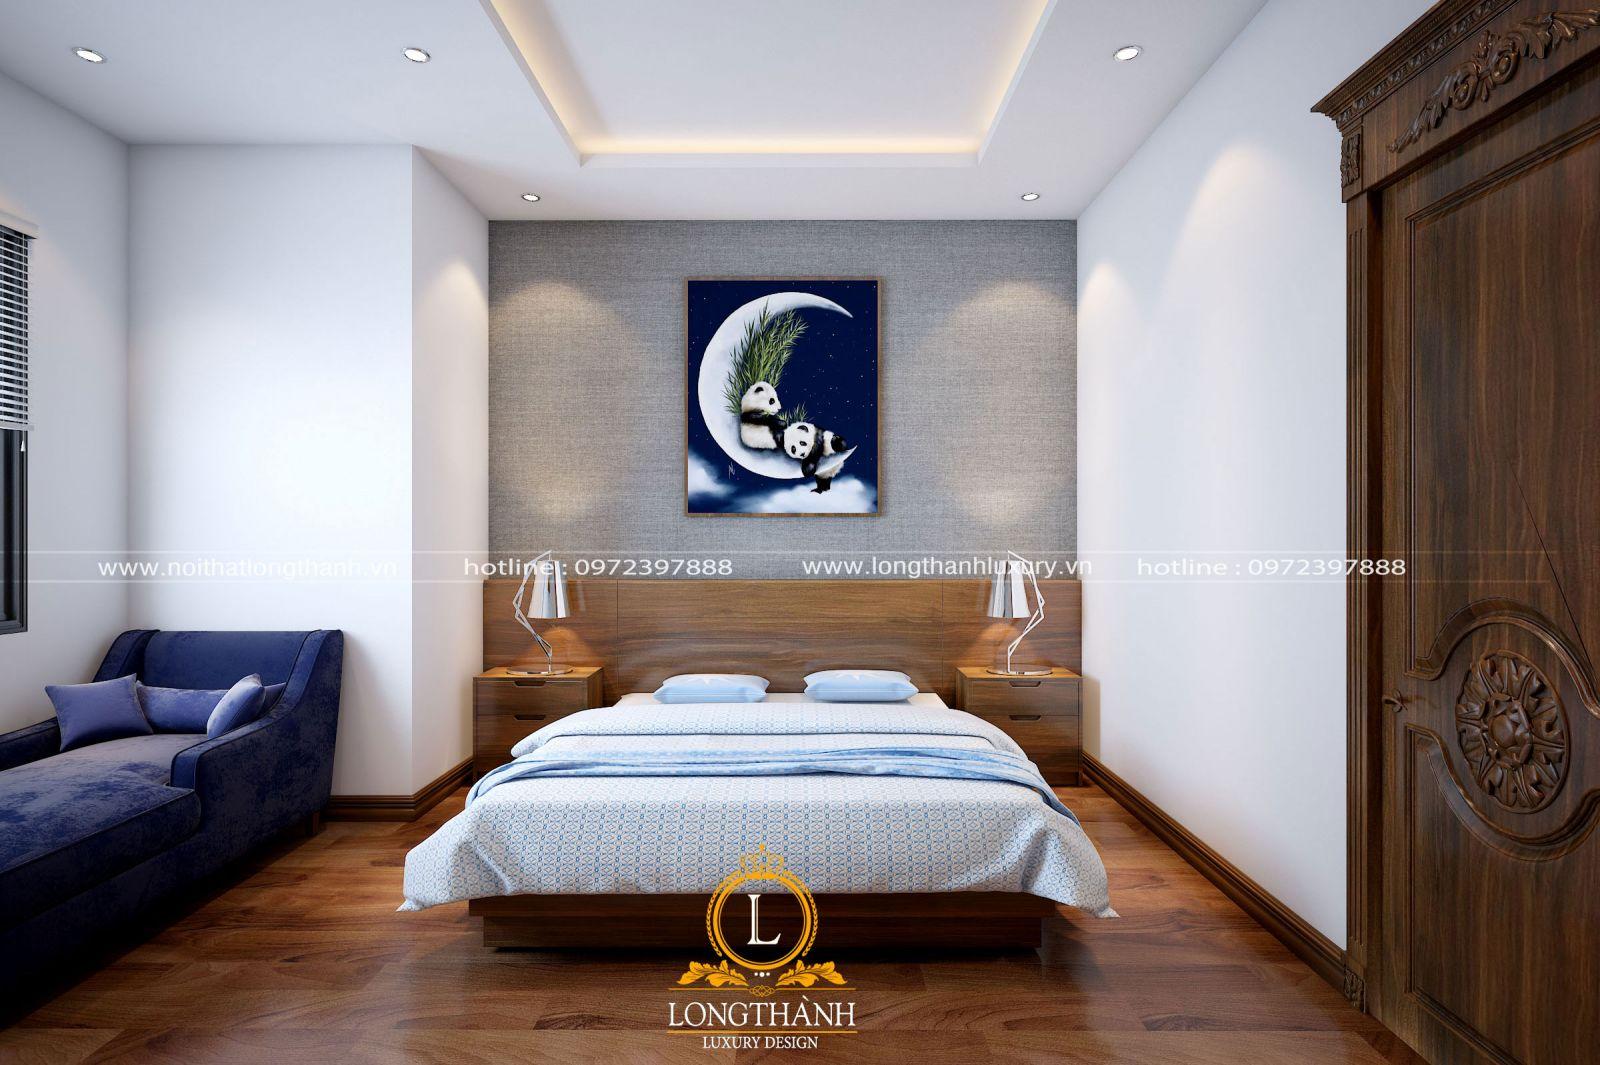 Phòng ngủ hiện đại cho trẻ nhỏ